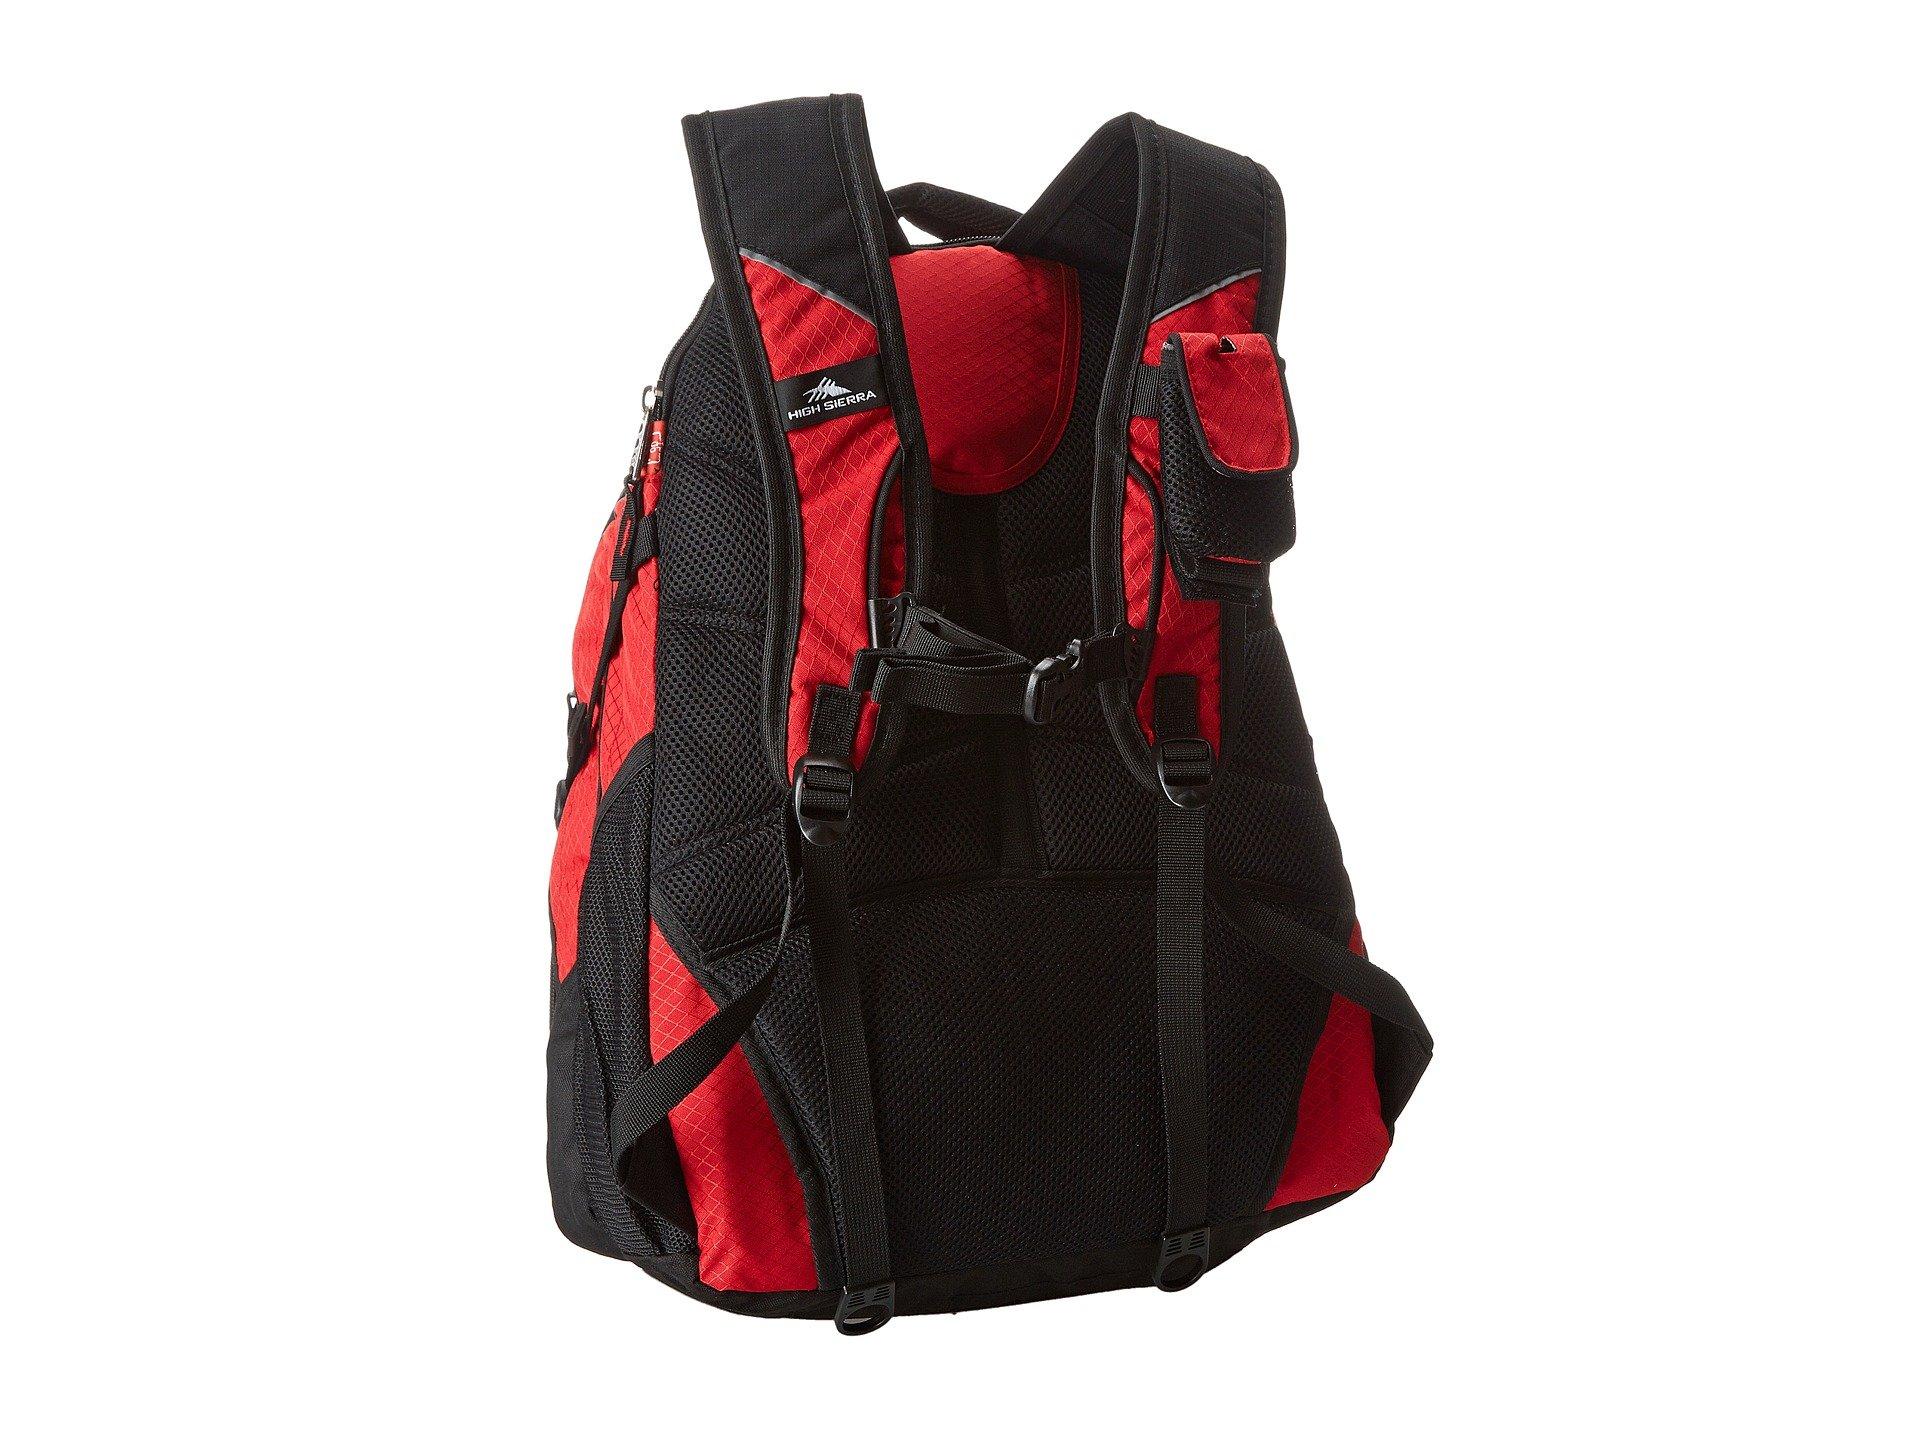 Backpack High Sierra Access Crimson black TEH1wU